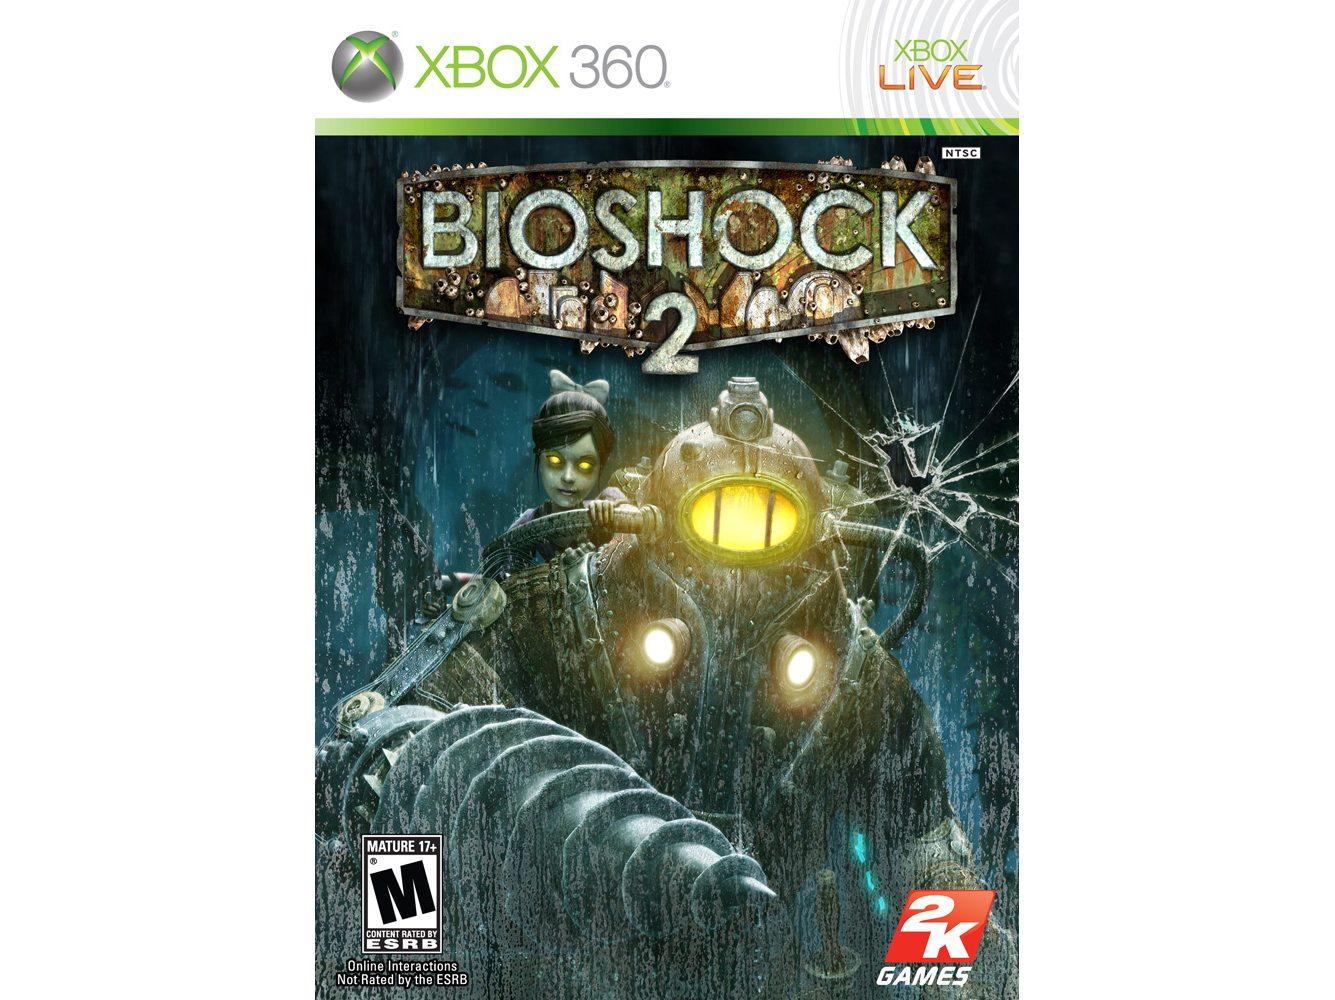 Xbox 360 Bioshock 2 Xbox 360